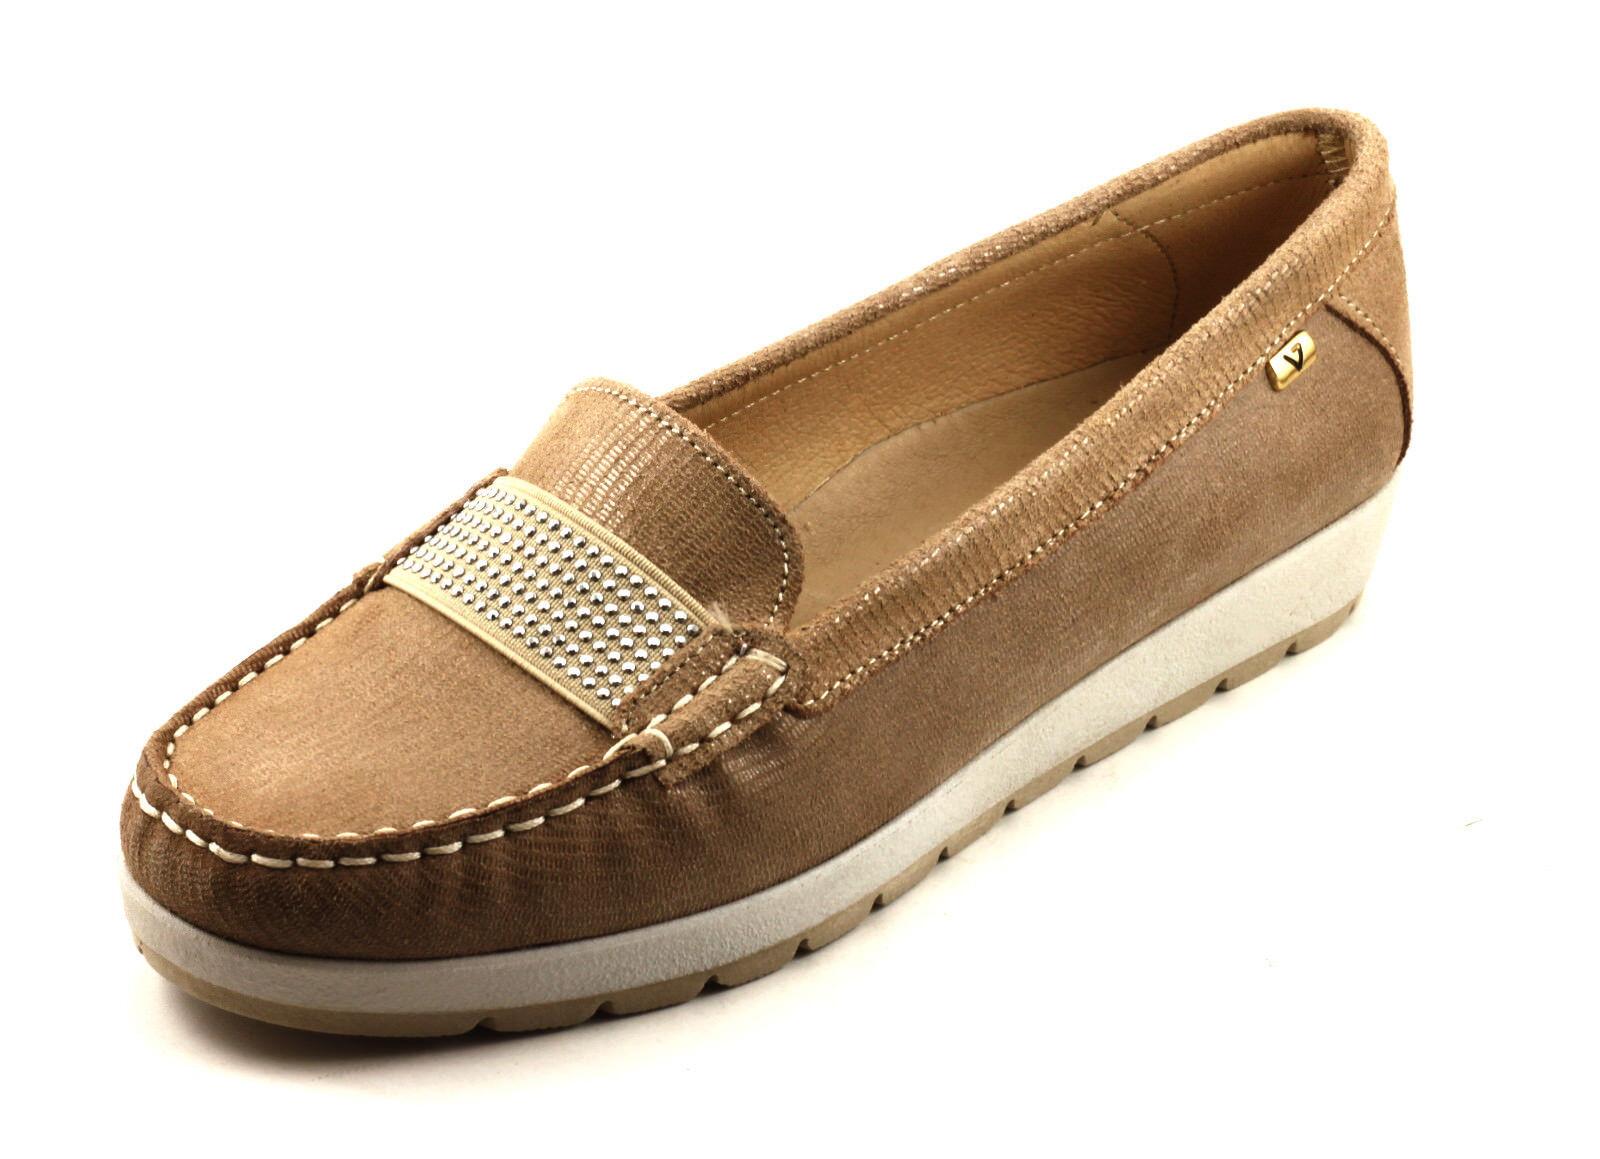 VALLEverde zapatos mujer MOCASSINO ESTIVE  PELLE BEIGE MODA MODA MODA CONFORT n. 40  ¡No dudes! ¡Compra ahora!